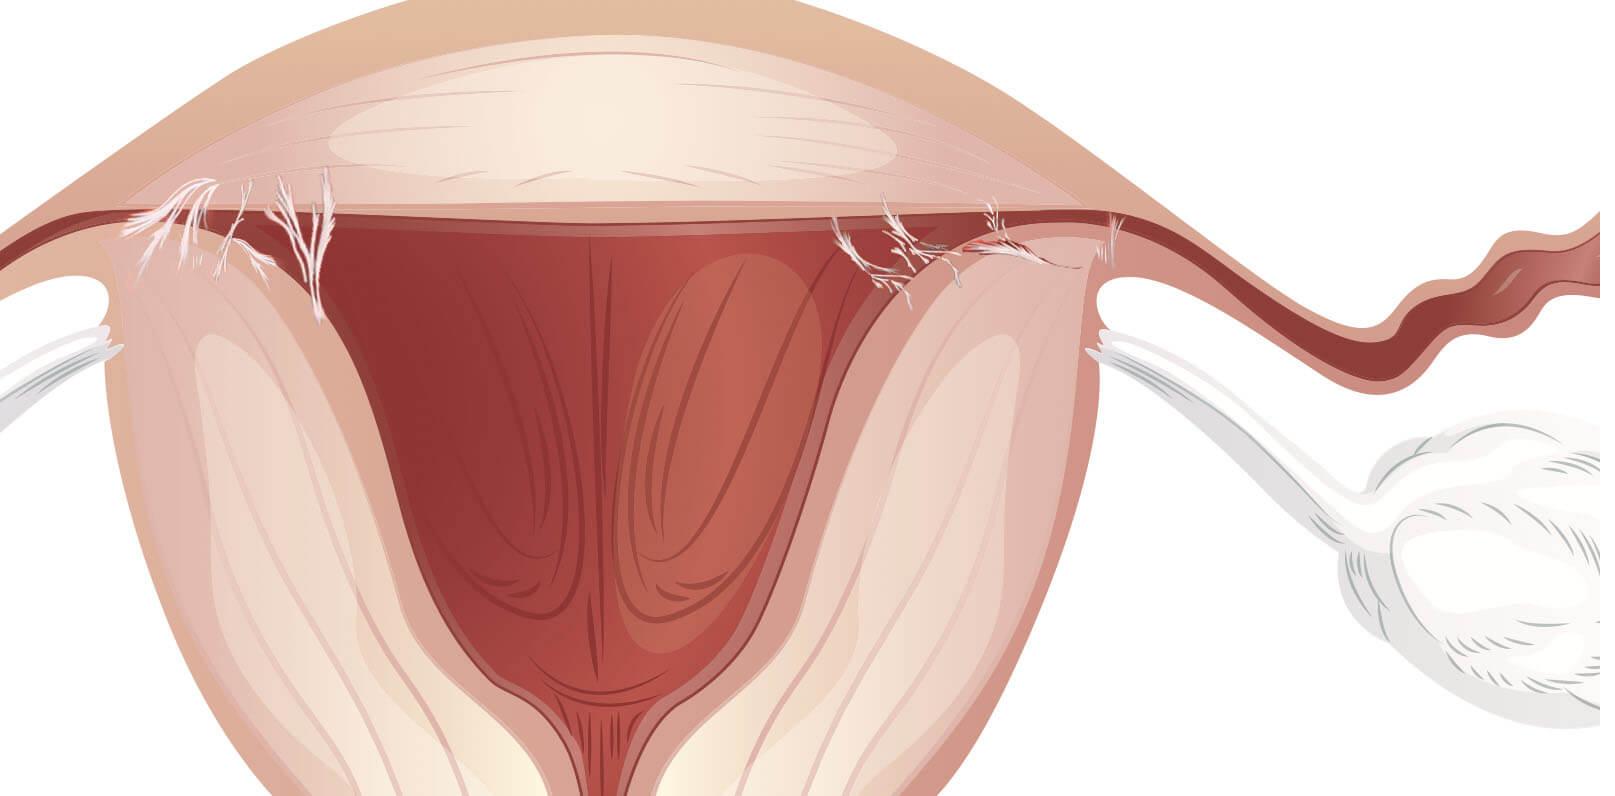 Непроходимость маточных труб: признаки и лечение в свао москвы